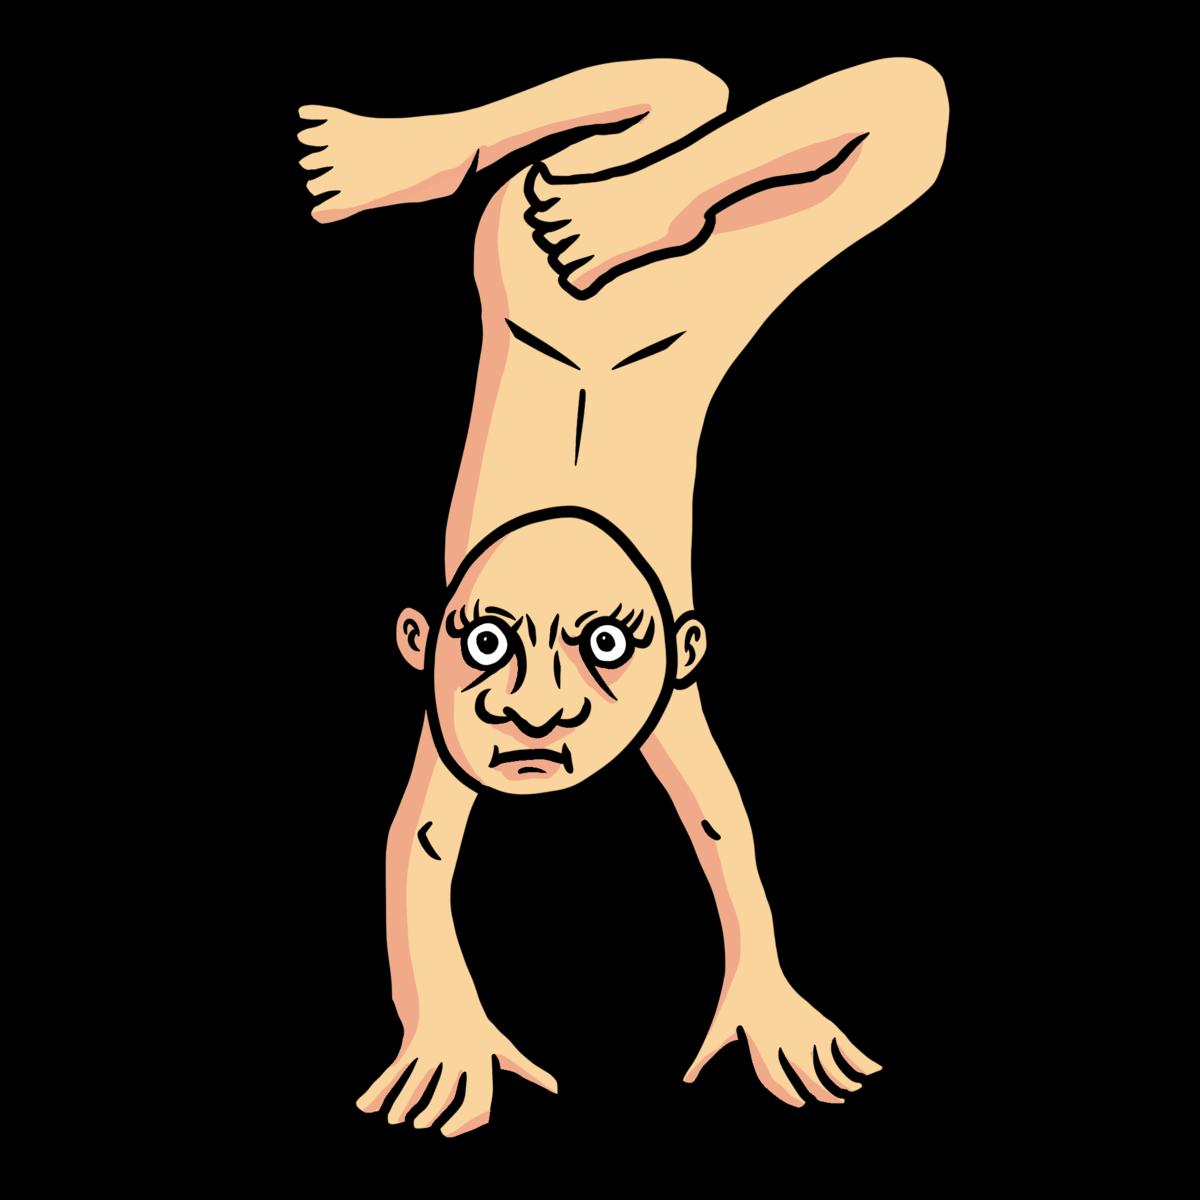 逆立ちをする全裸のおじさん